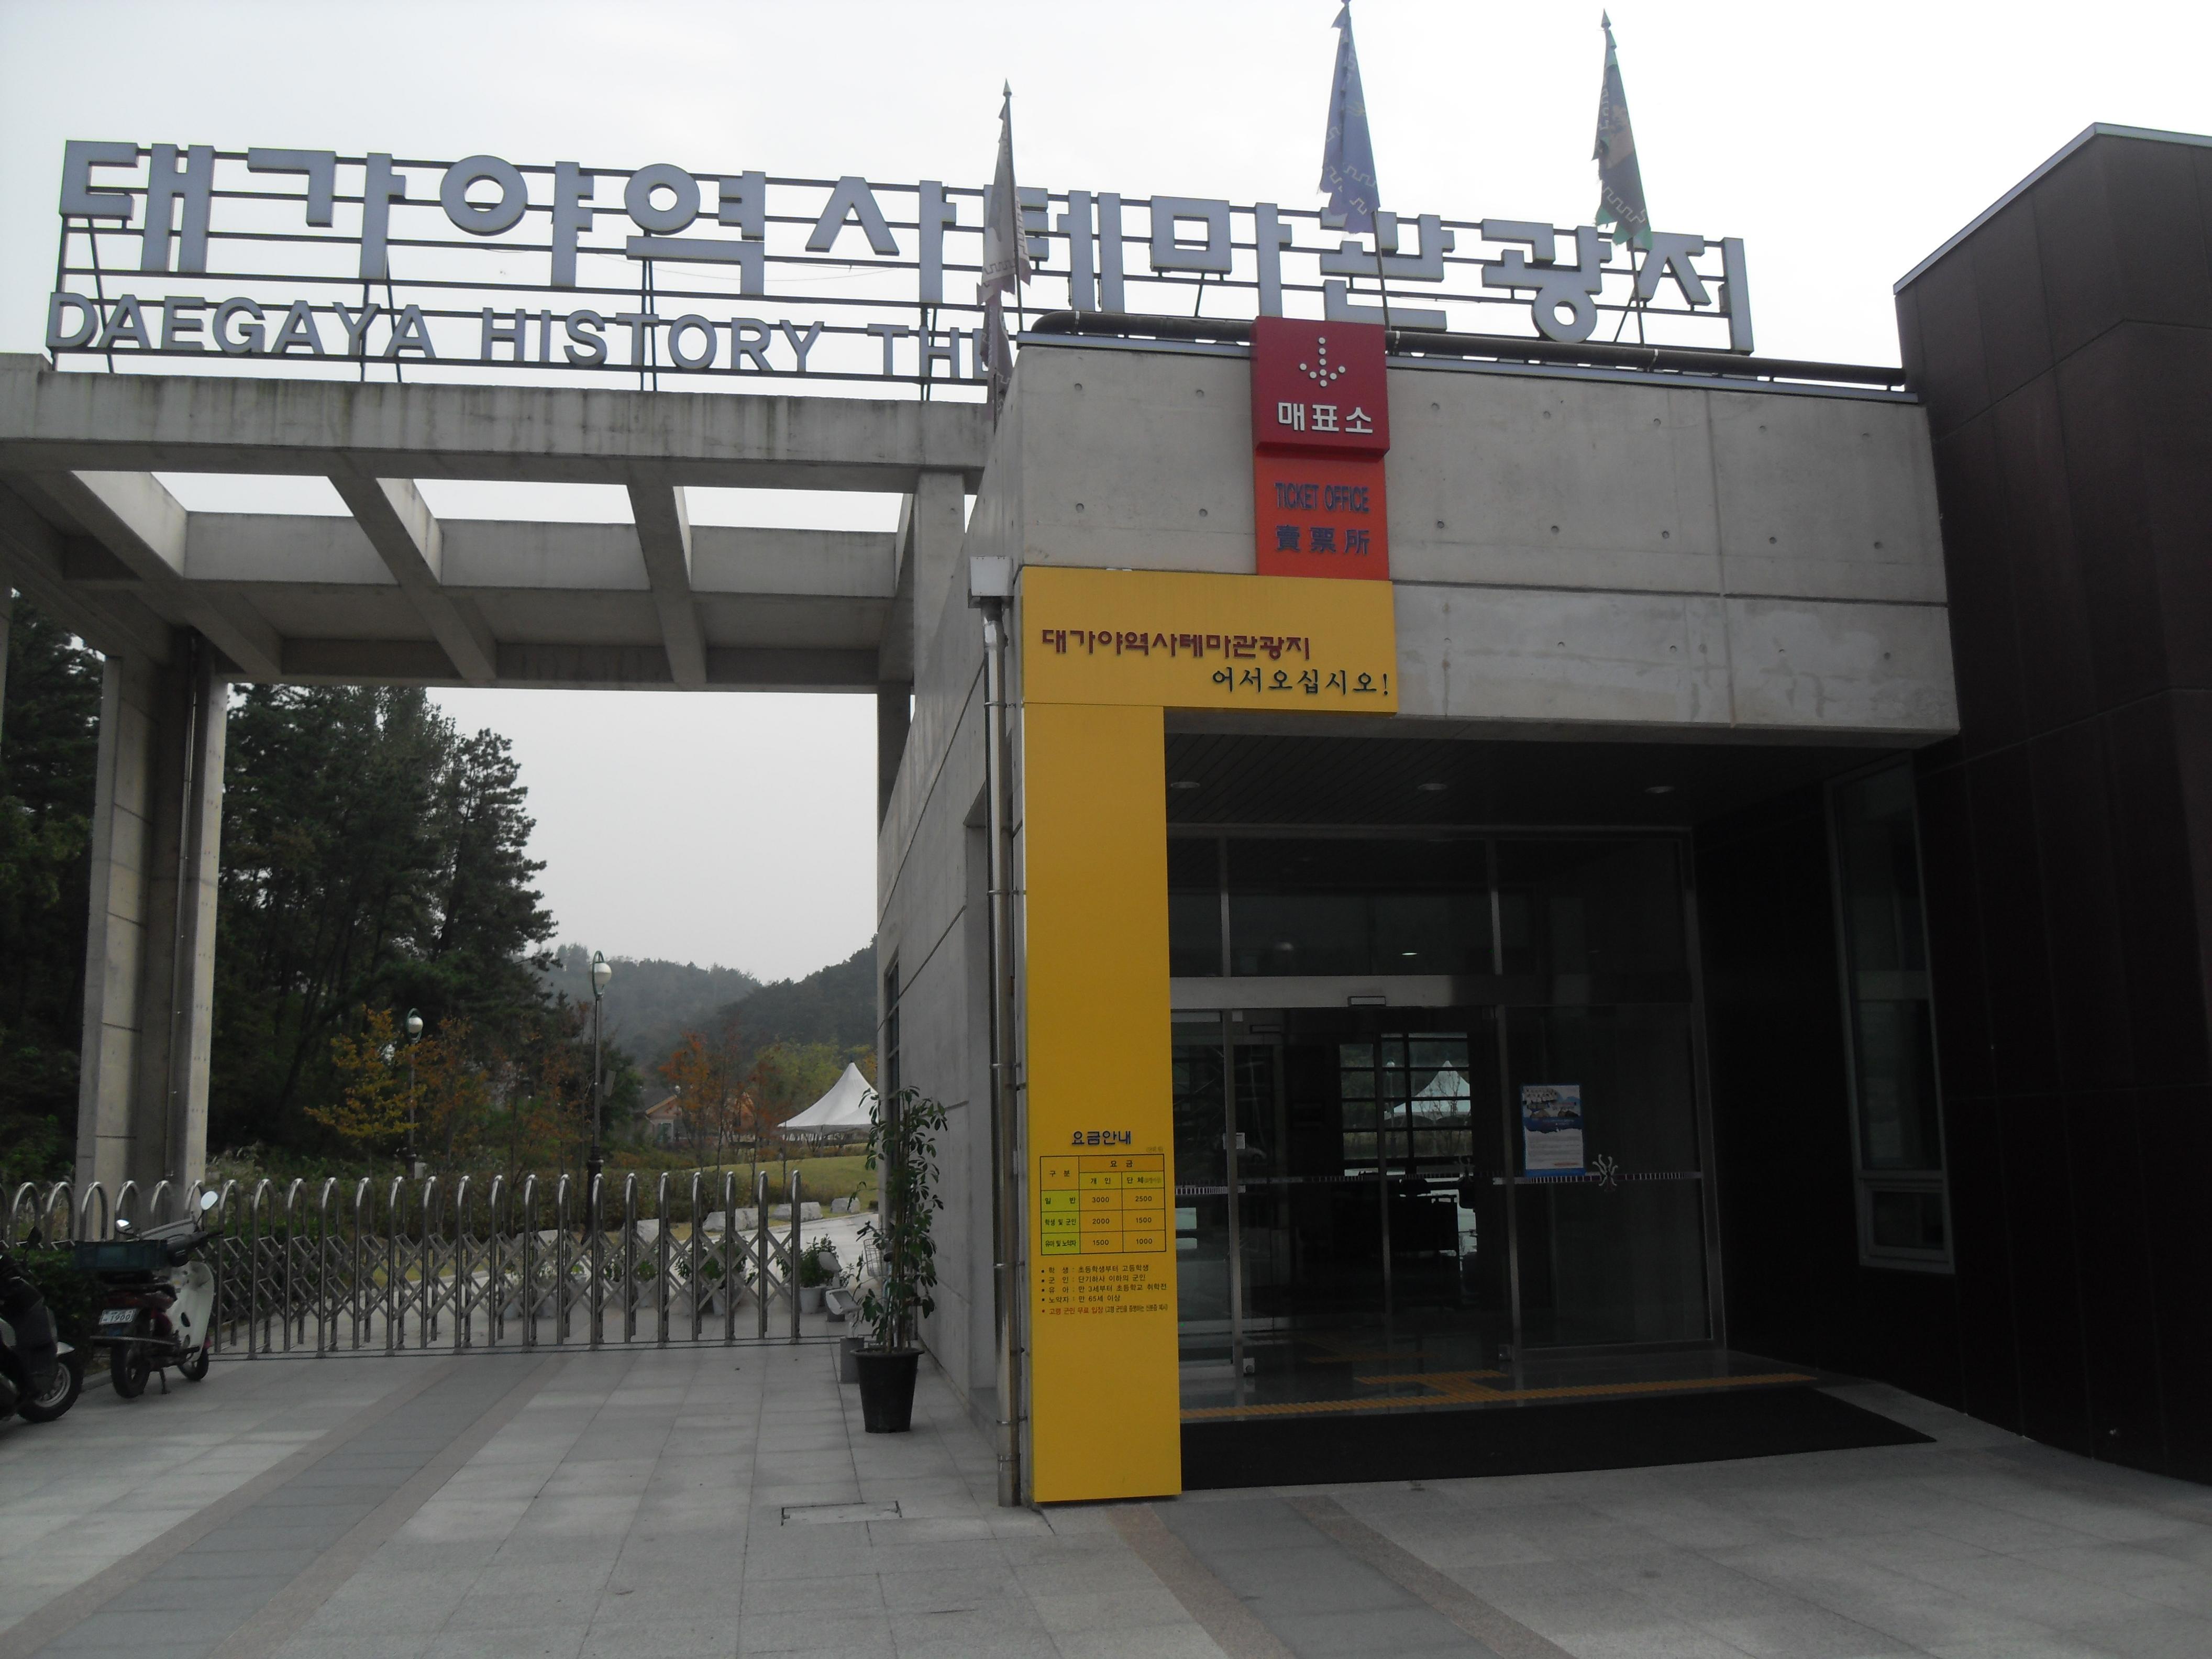 대가야역사테마관광지